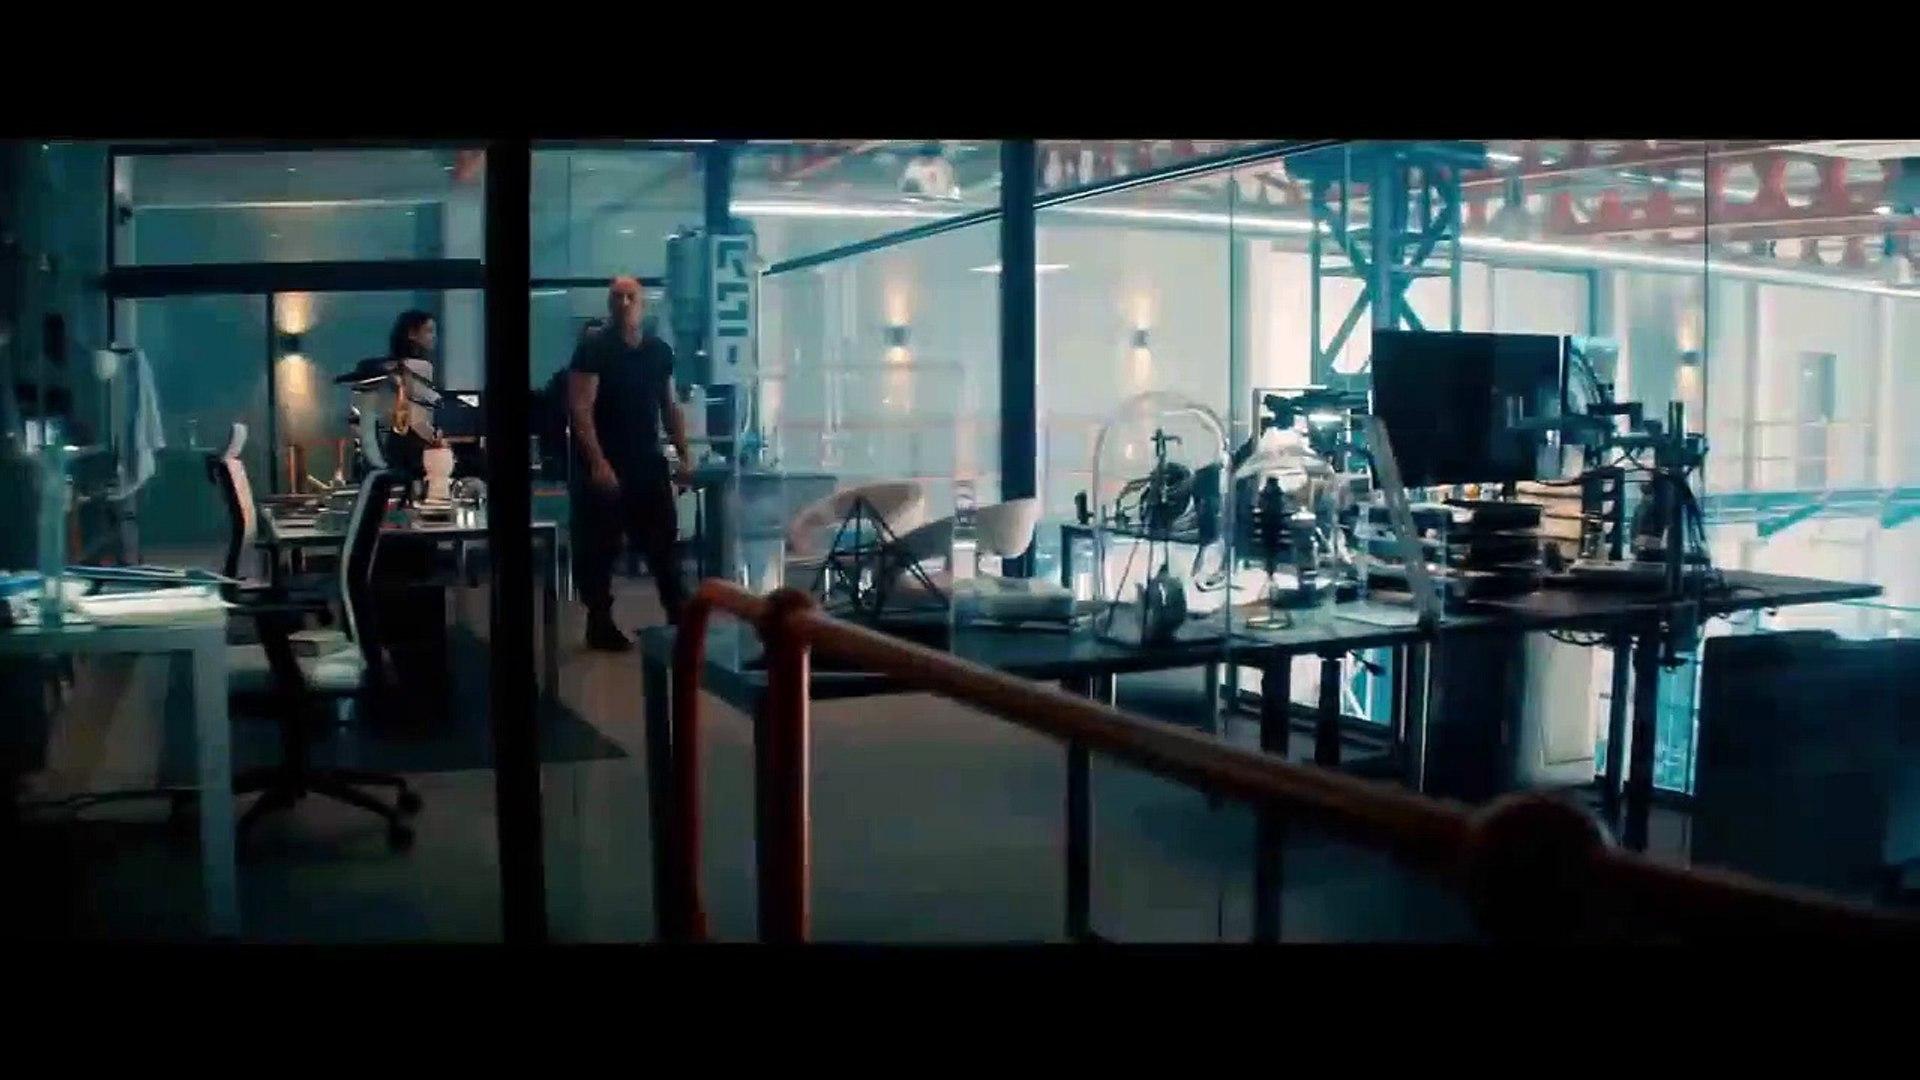 Bloodshot International Trailer #1 (2020) -  film Bloodshot  best movies trailer Bloodshot